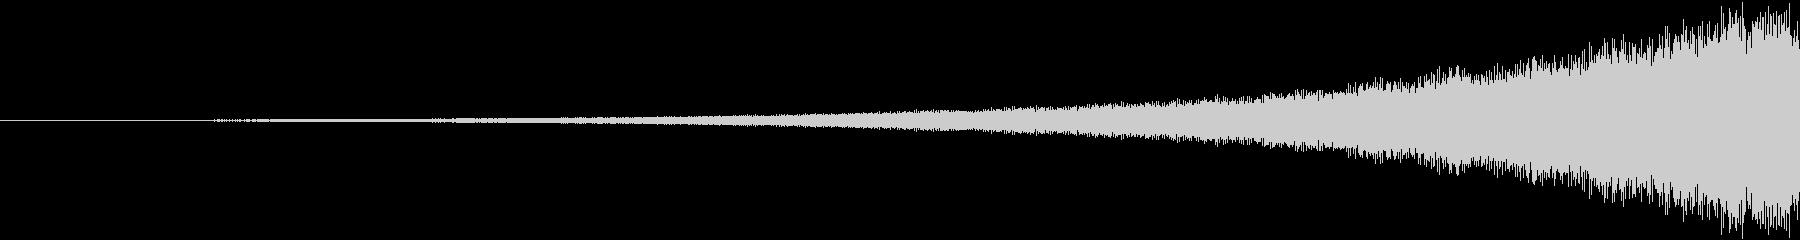 ピアスクレッシェンドチャイムの未再生の波形